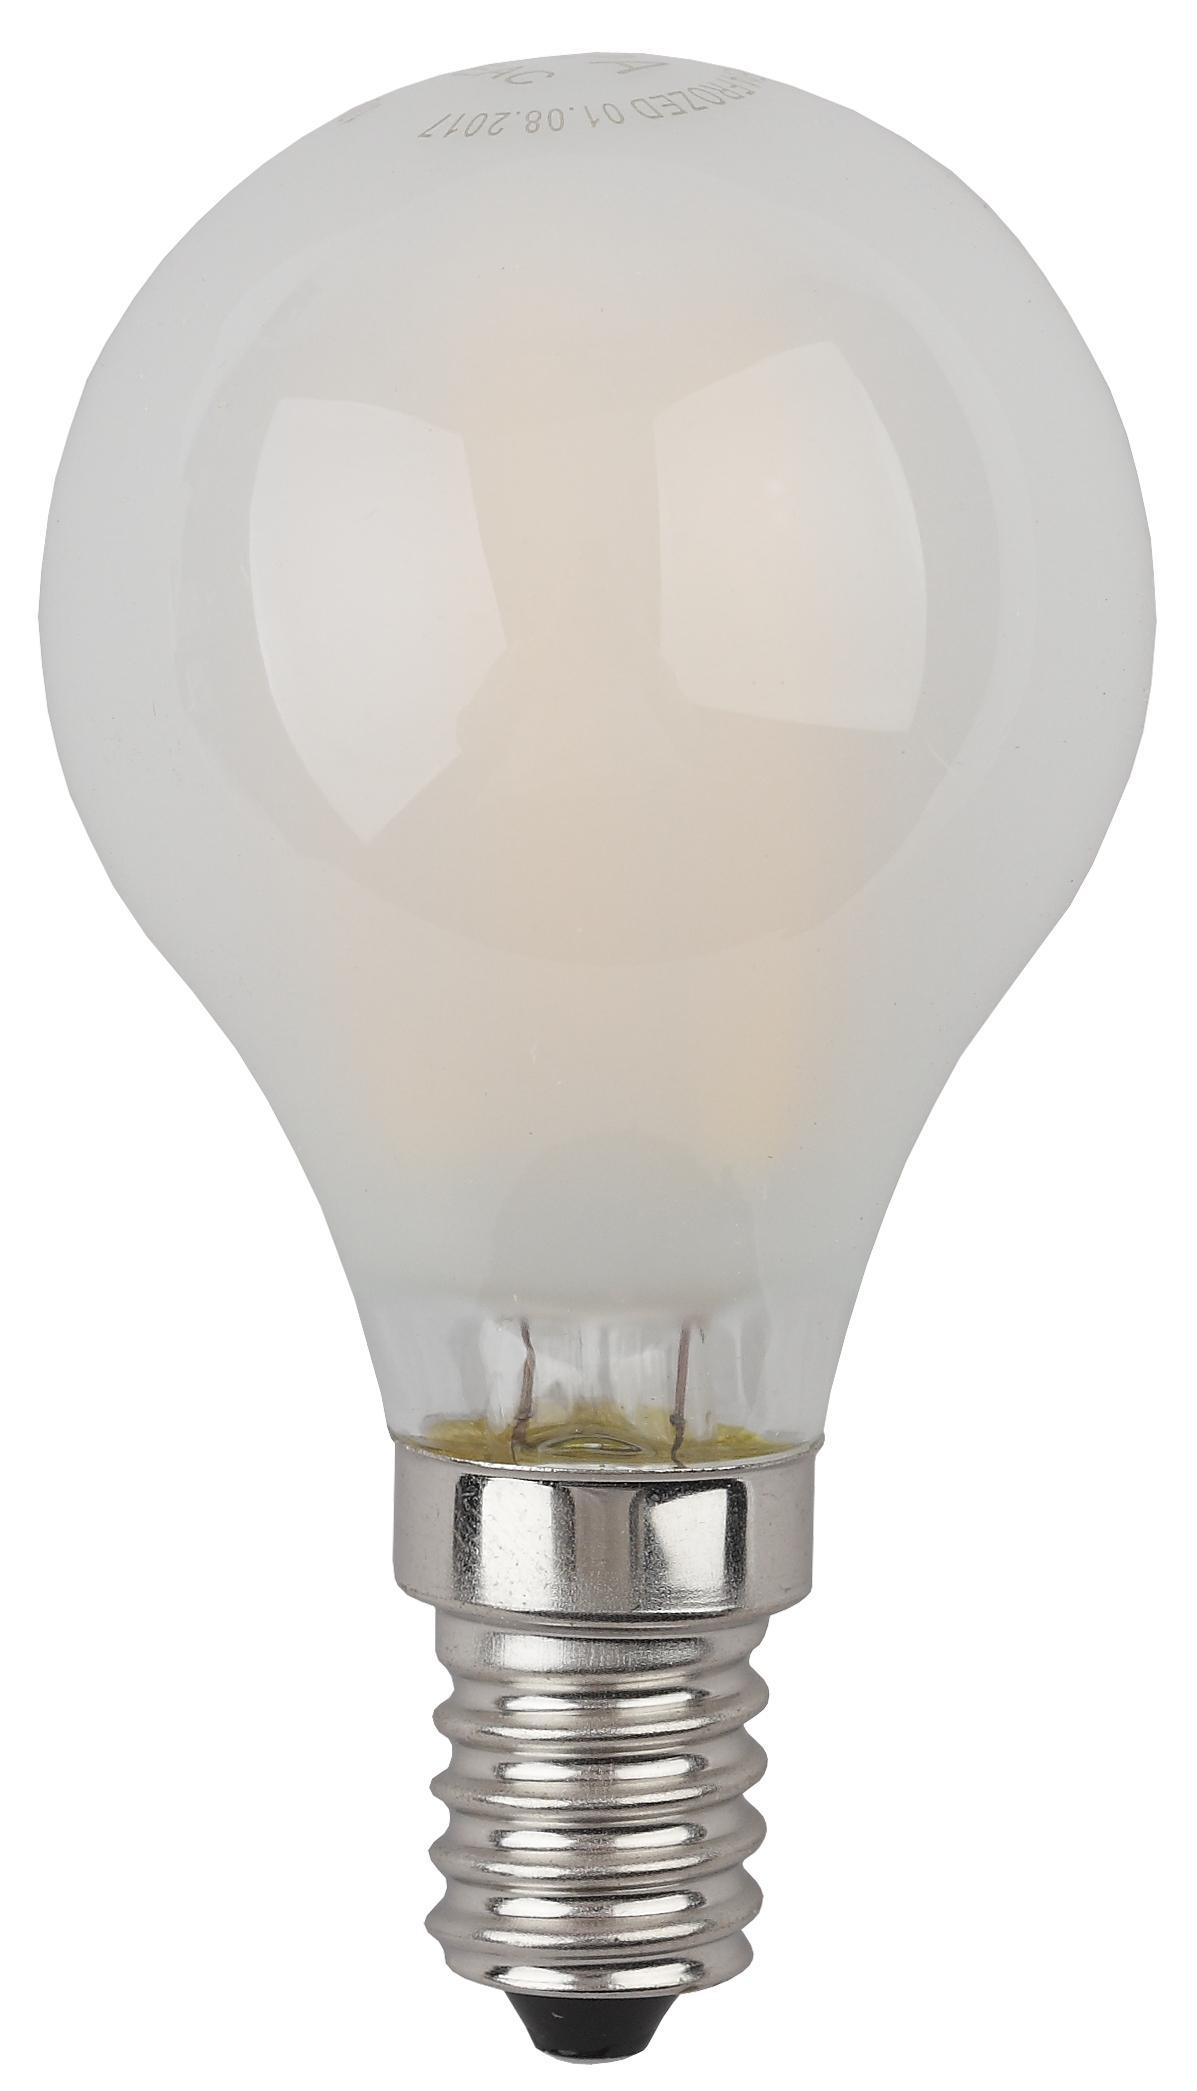 Лампа светодиодная ЭРА F-led p45-5w-827-e14 frozed